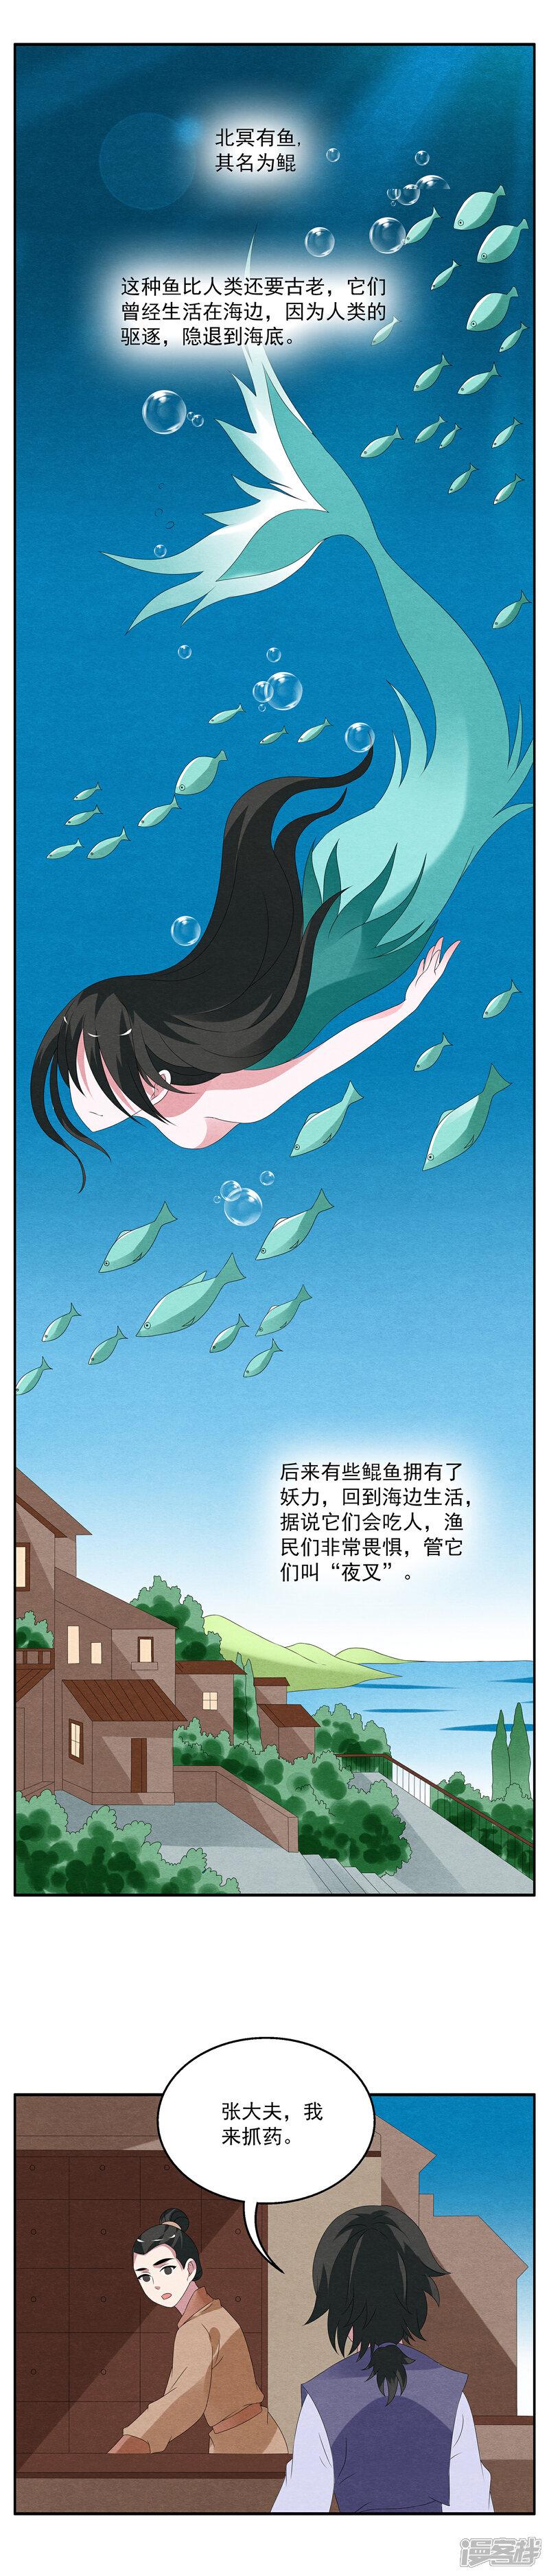 洛小妖79800010-2.JPG